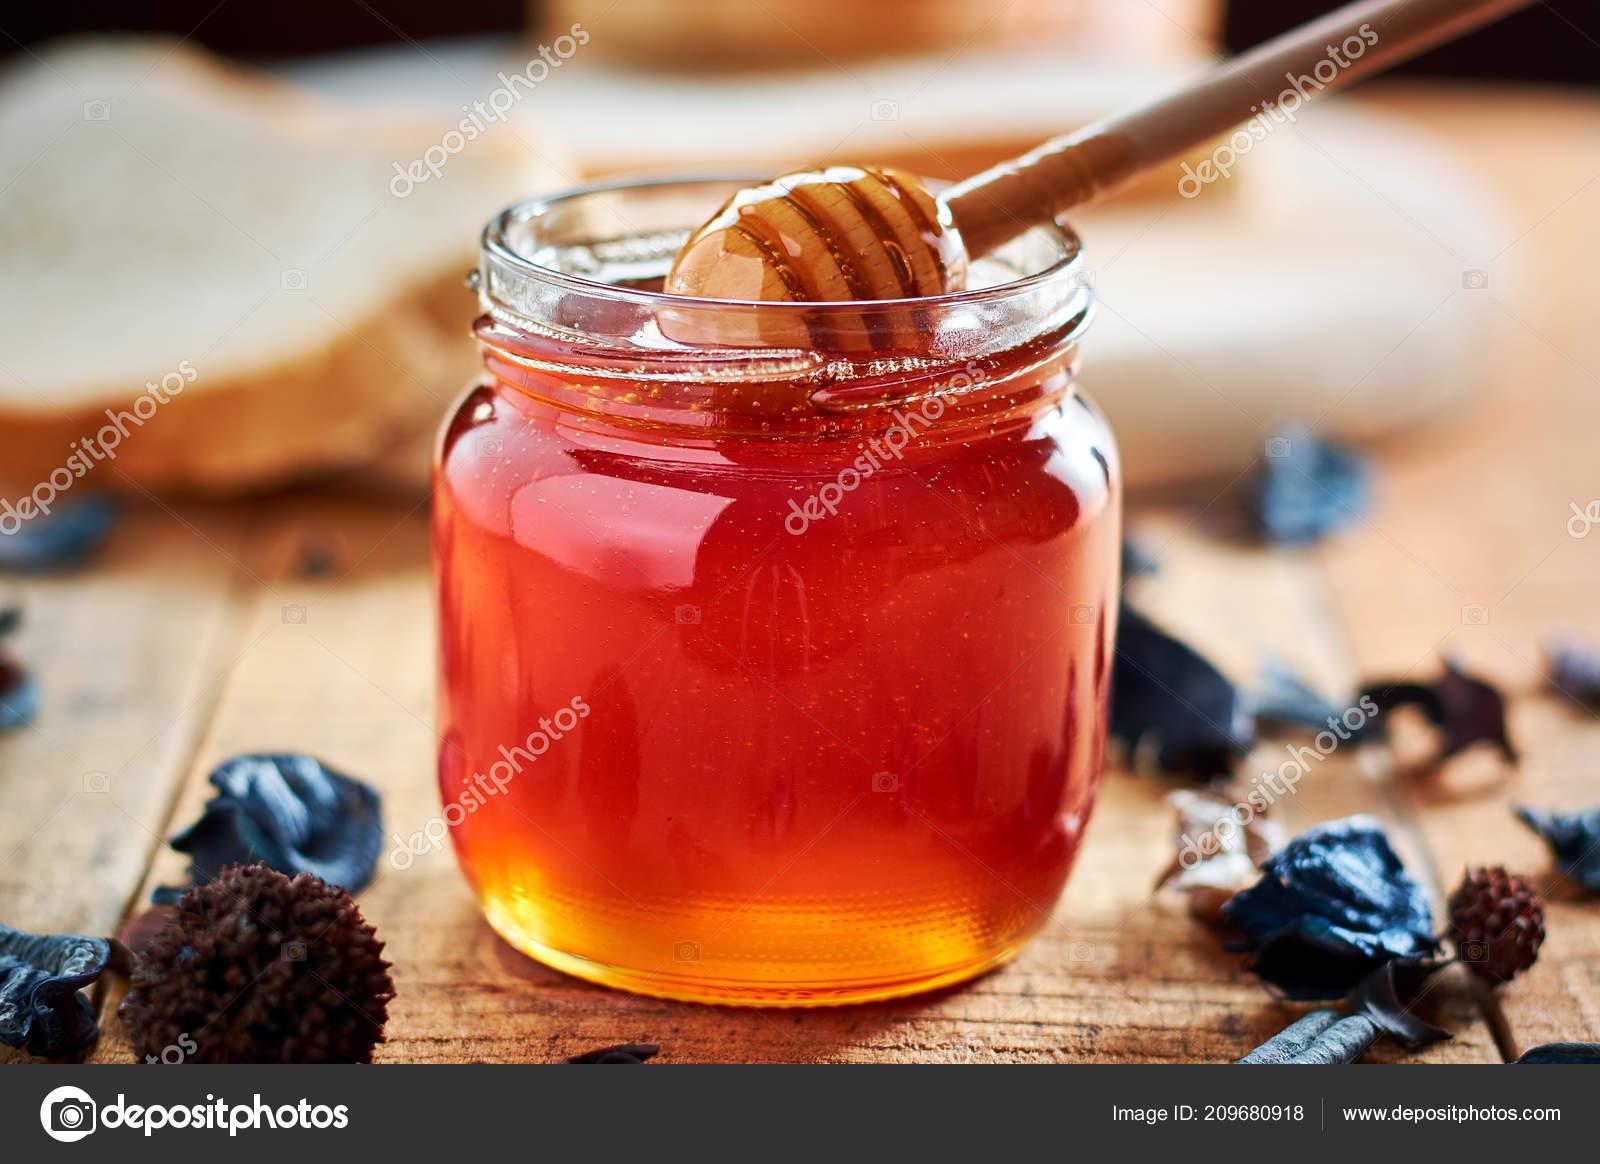 Чтобы понять, к чему снится мёд именно в вашем случае, постарайтесь вспомнить некоторые подробности своего сна.